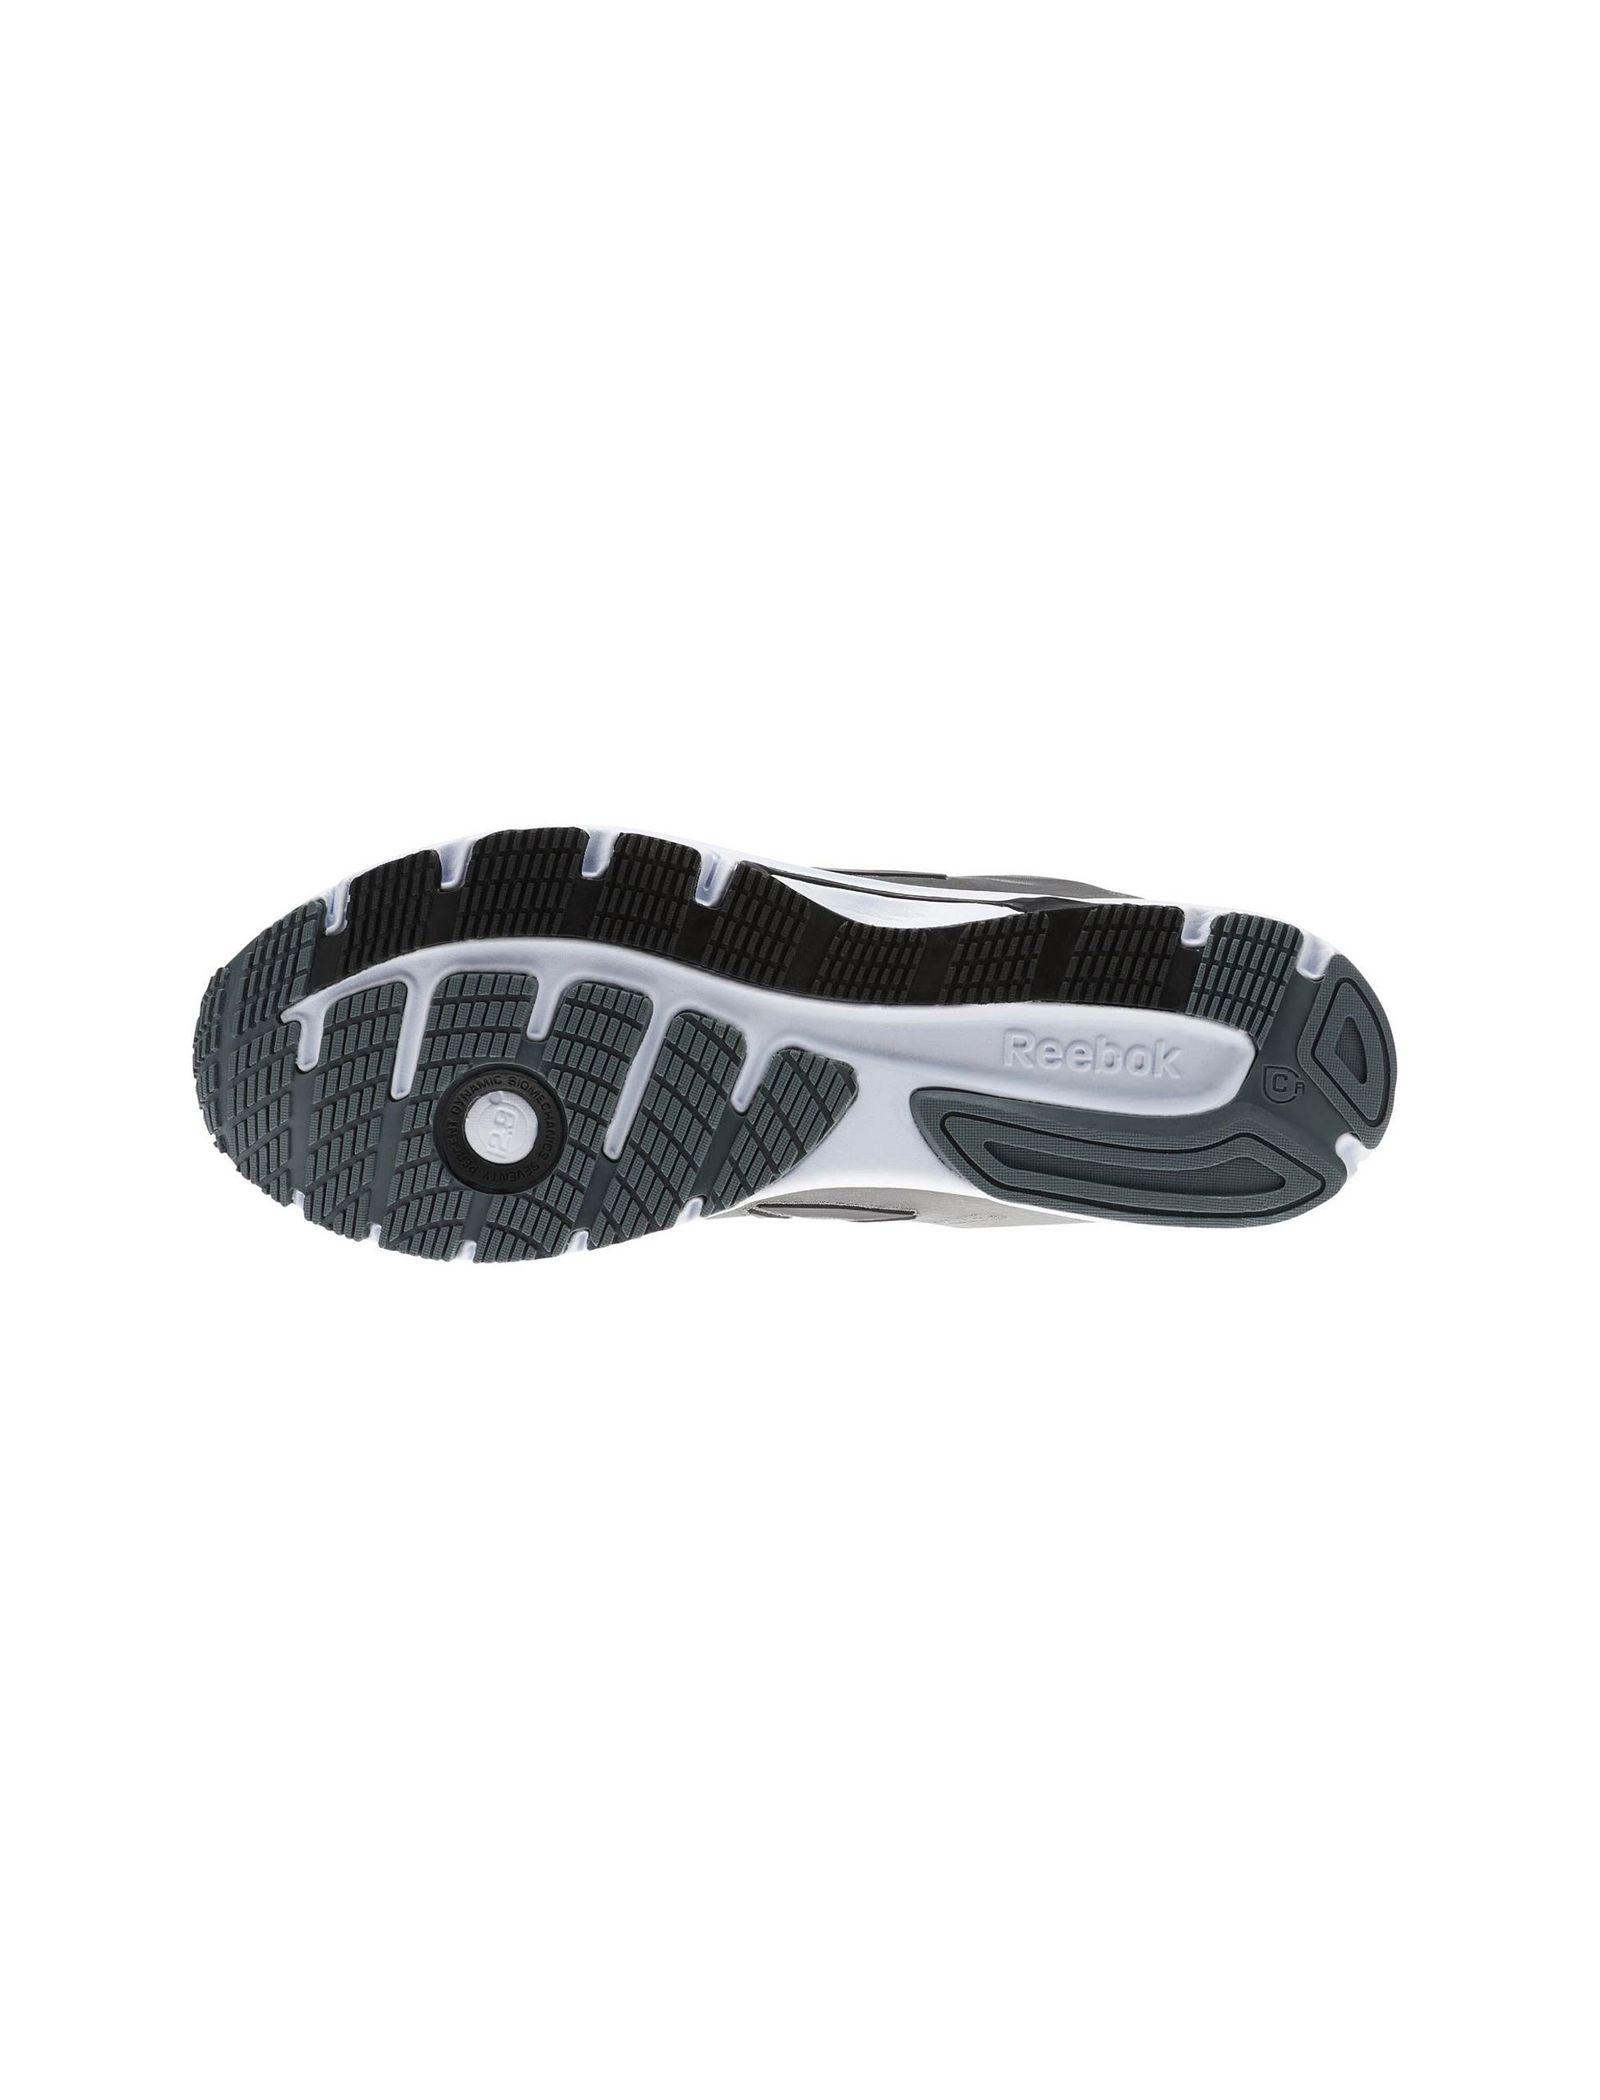 کفش مخصوص دویدن مردانه ریباک مدل Reebok Runner - طوسي - 5